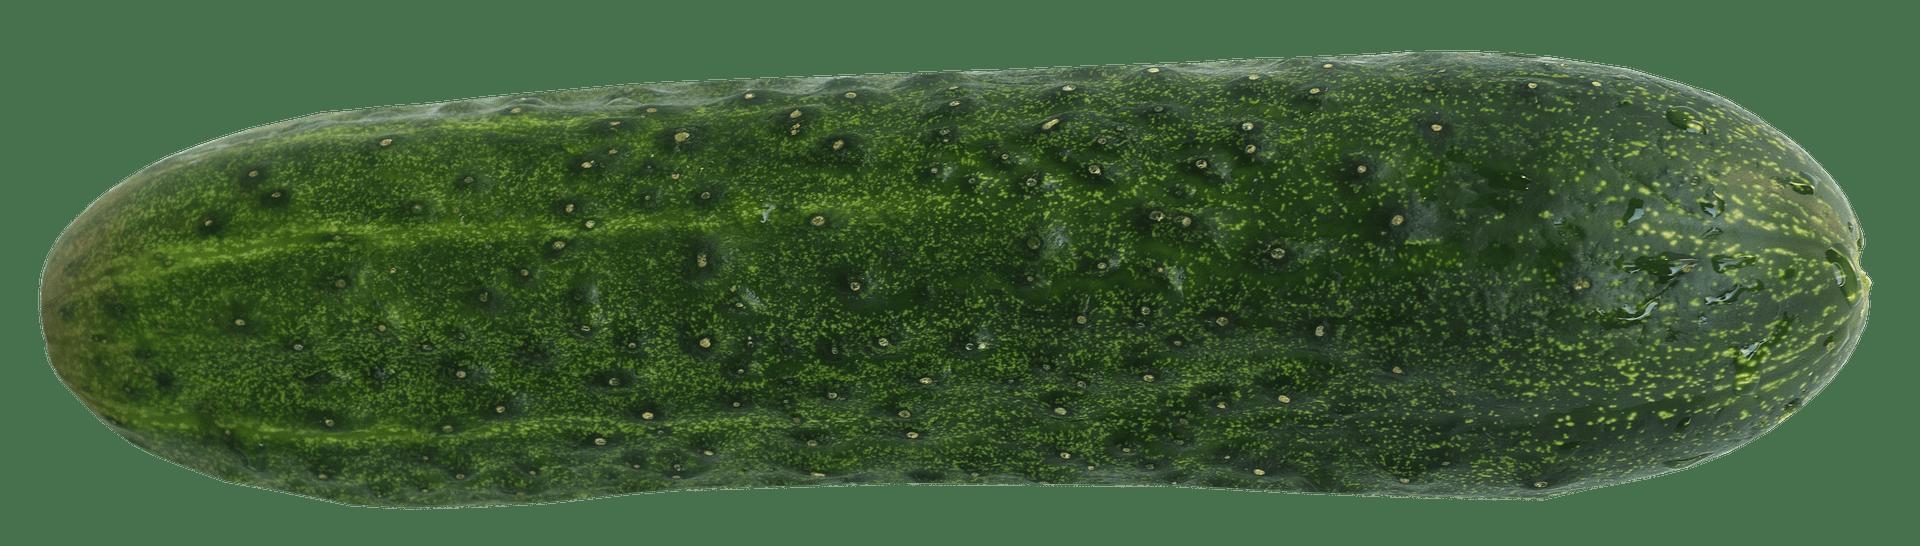 cucumber-2488875_1920